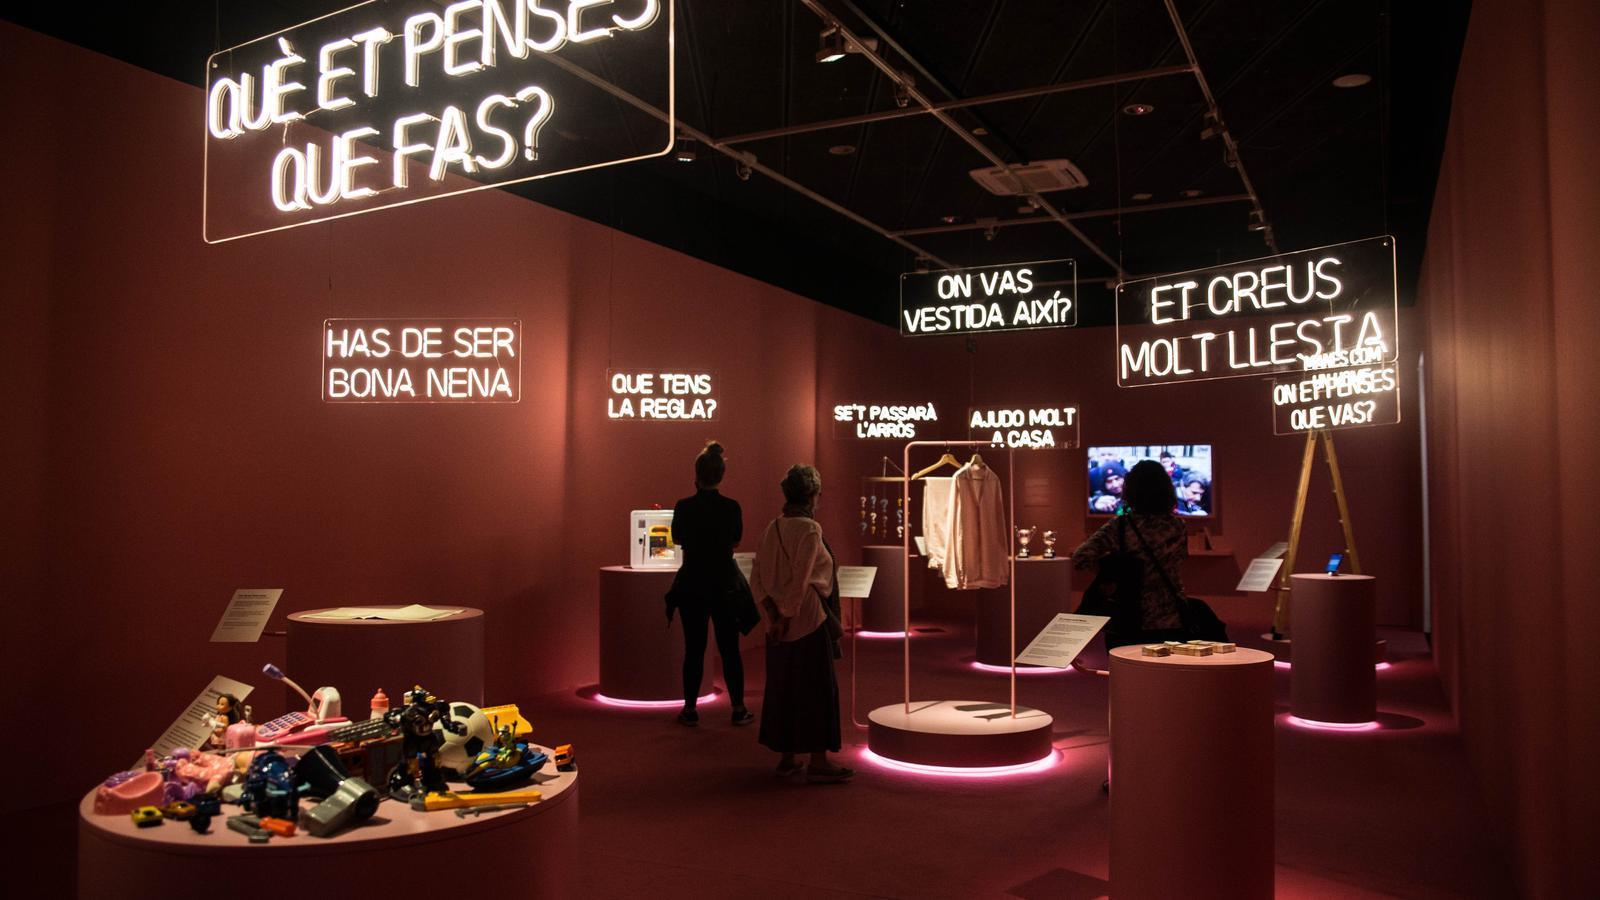 Exposició 'Feminista havies de ser' al Palau Robert